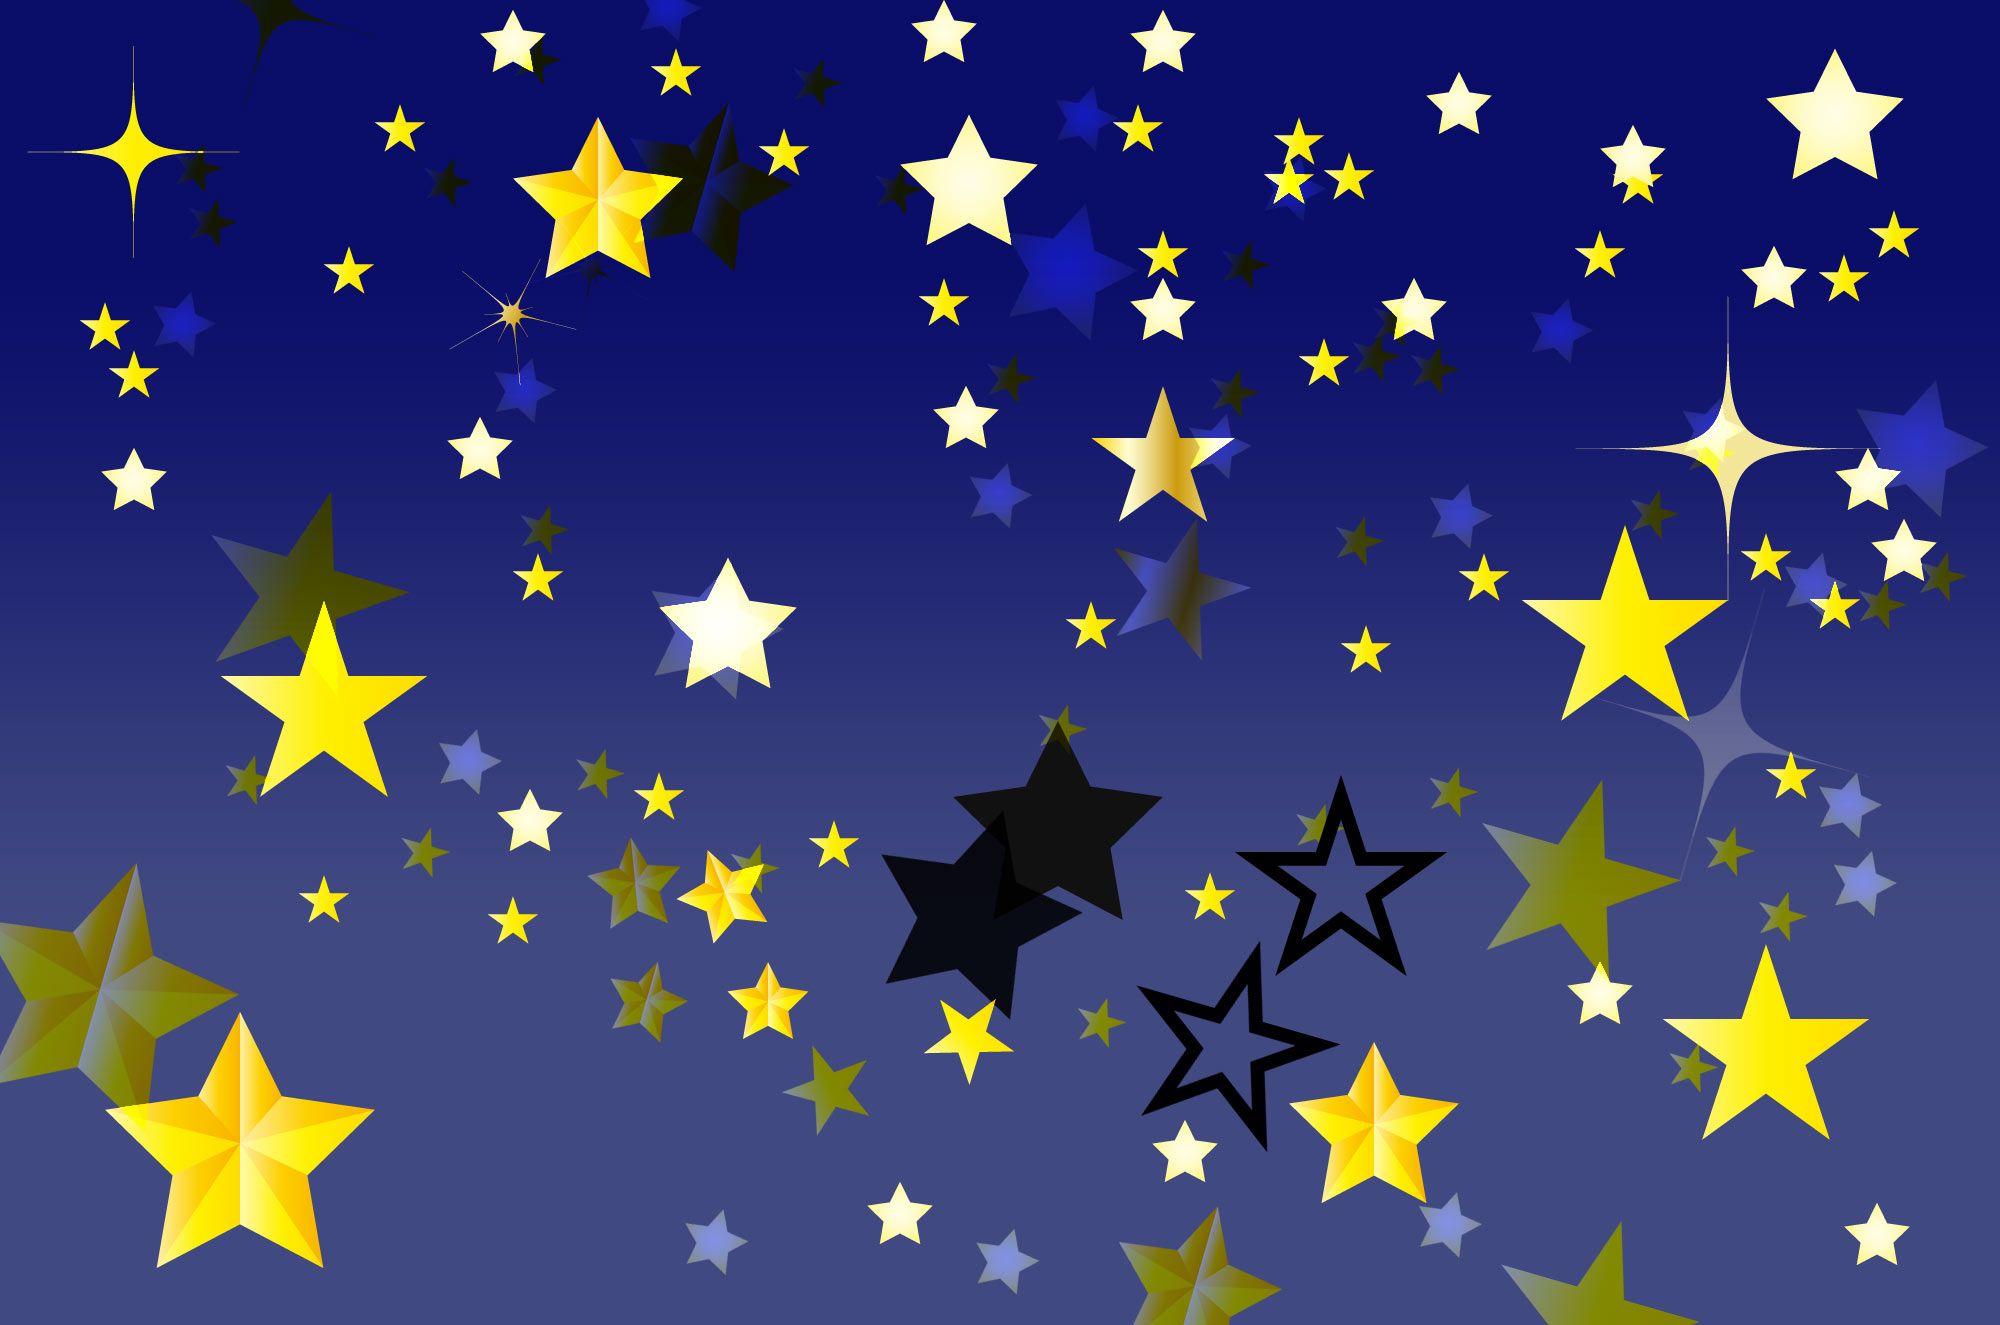 星イラスト キラキラ光る空の装飾デザイン素材集 チコデザ 星